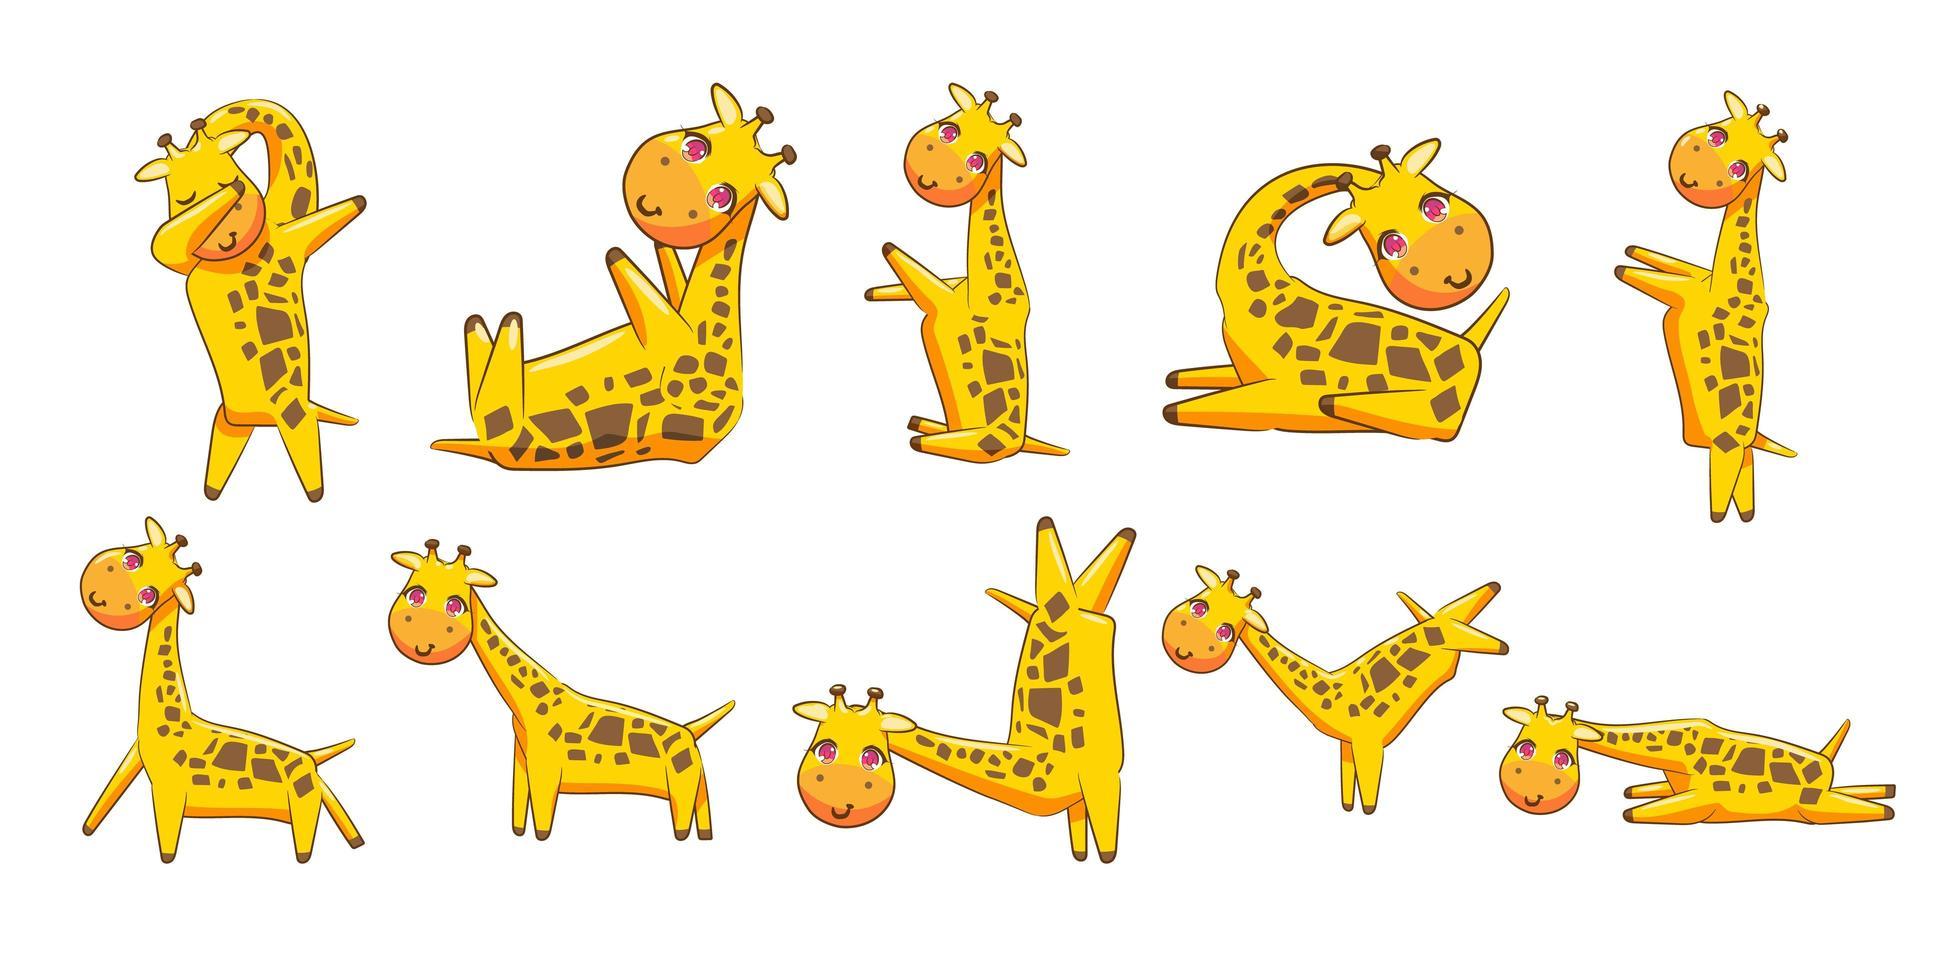 jeu de dessin animé de girafe vecteur